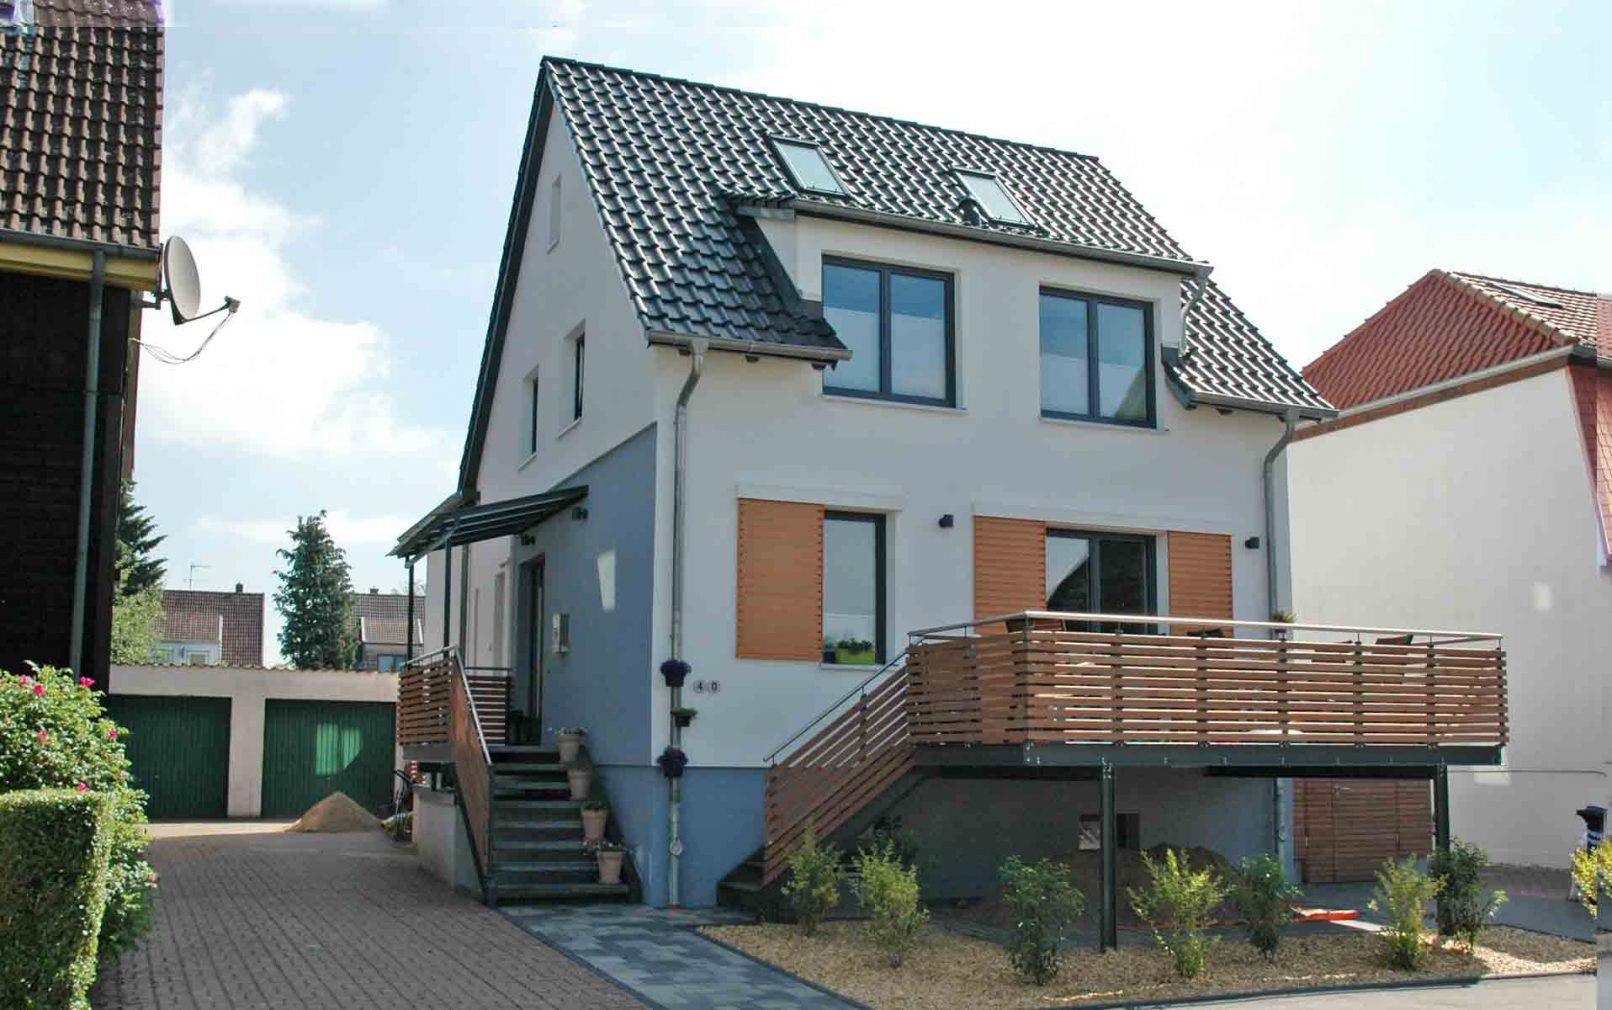 Umbau Siedlungshaus siedlungshaus architekt kemmerich